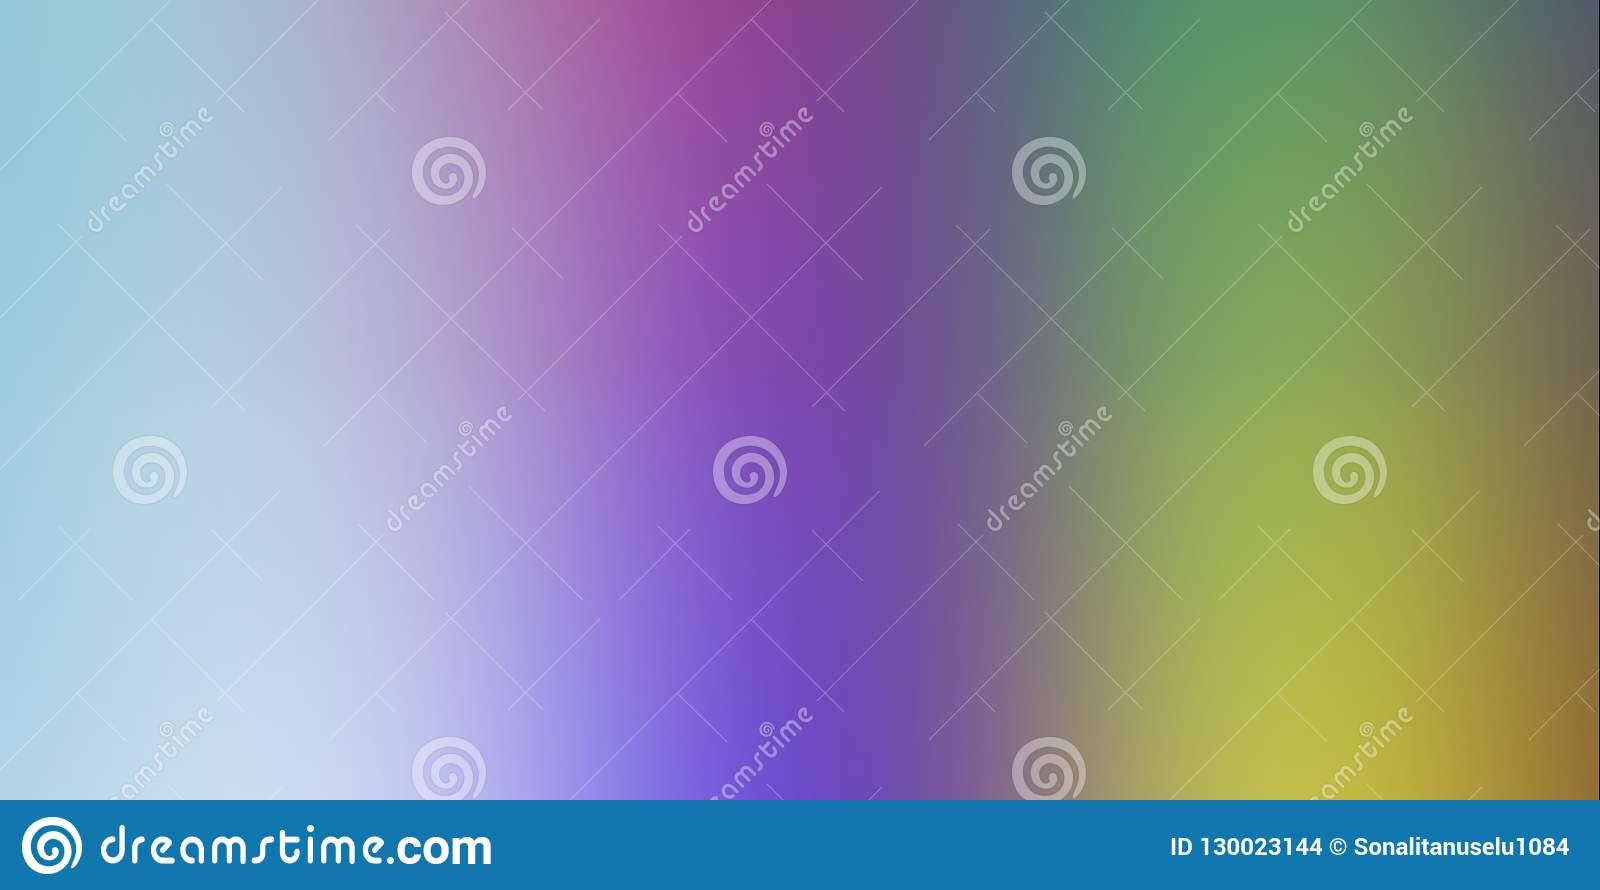 Projeto colorido do vetor do fundo do sumário do borrão, fundo protegido borrado colorido, ilustração vívida do vetor da cor